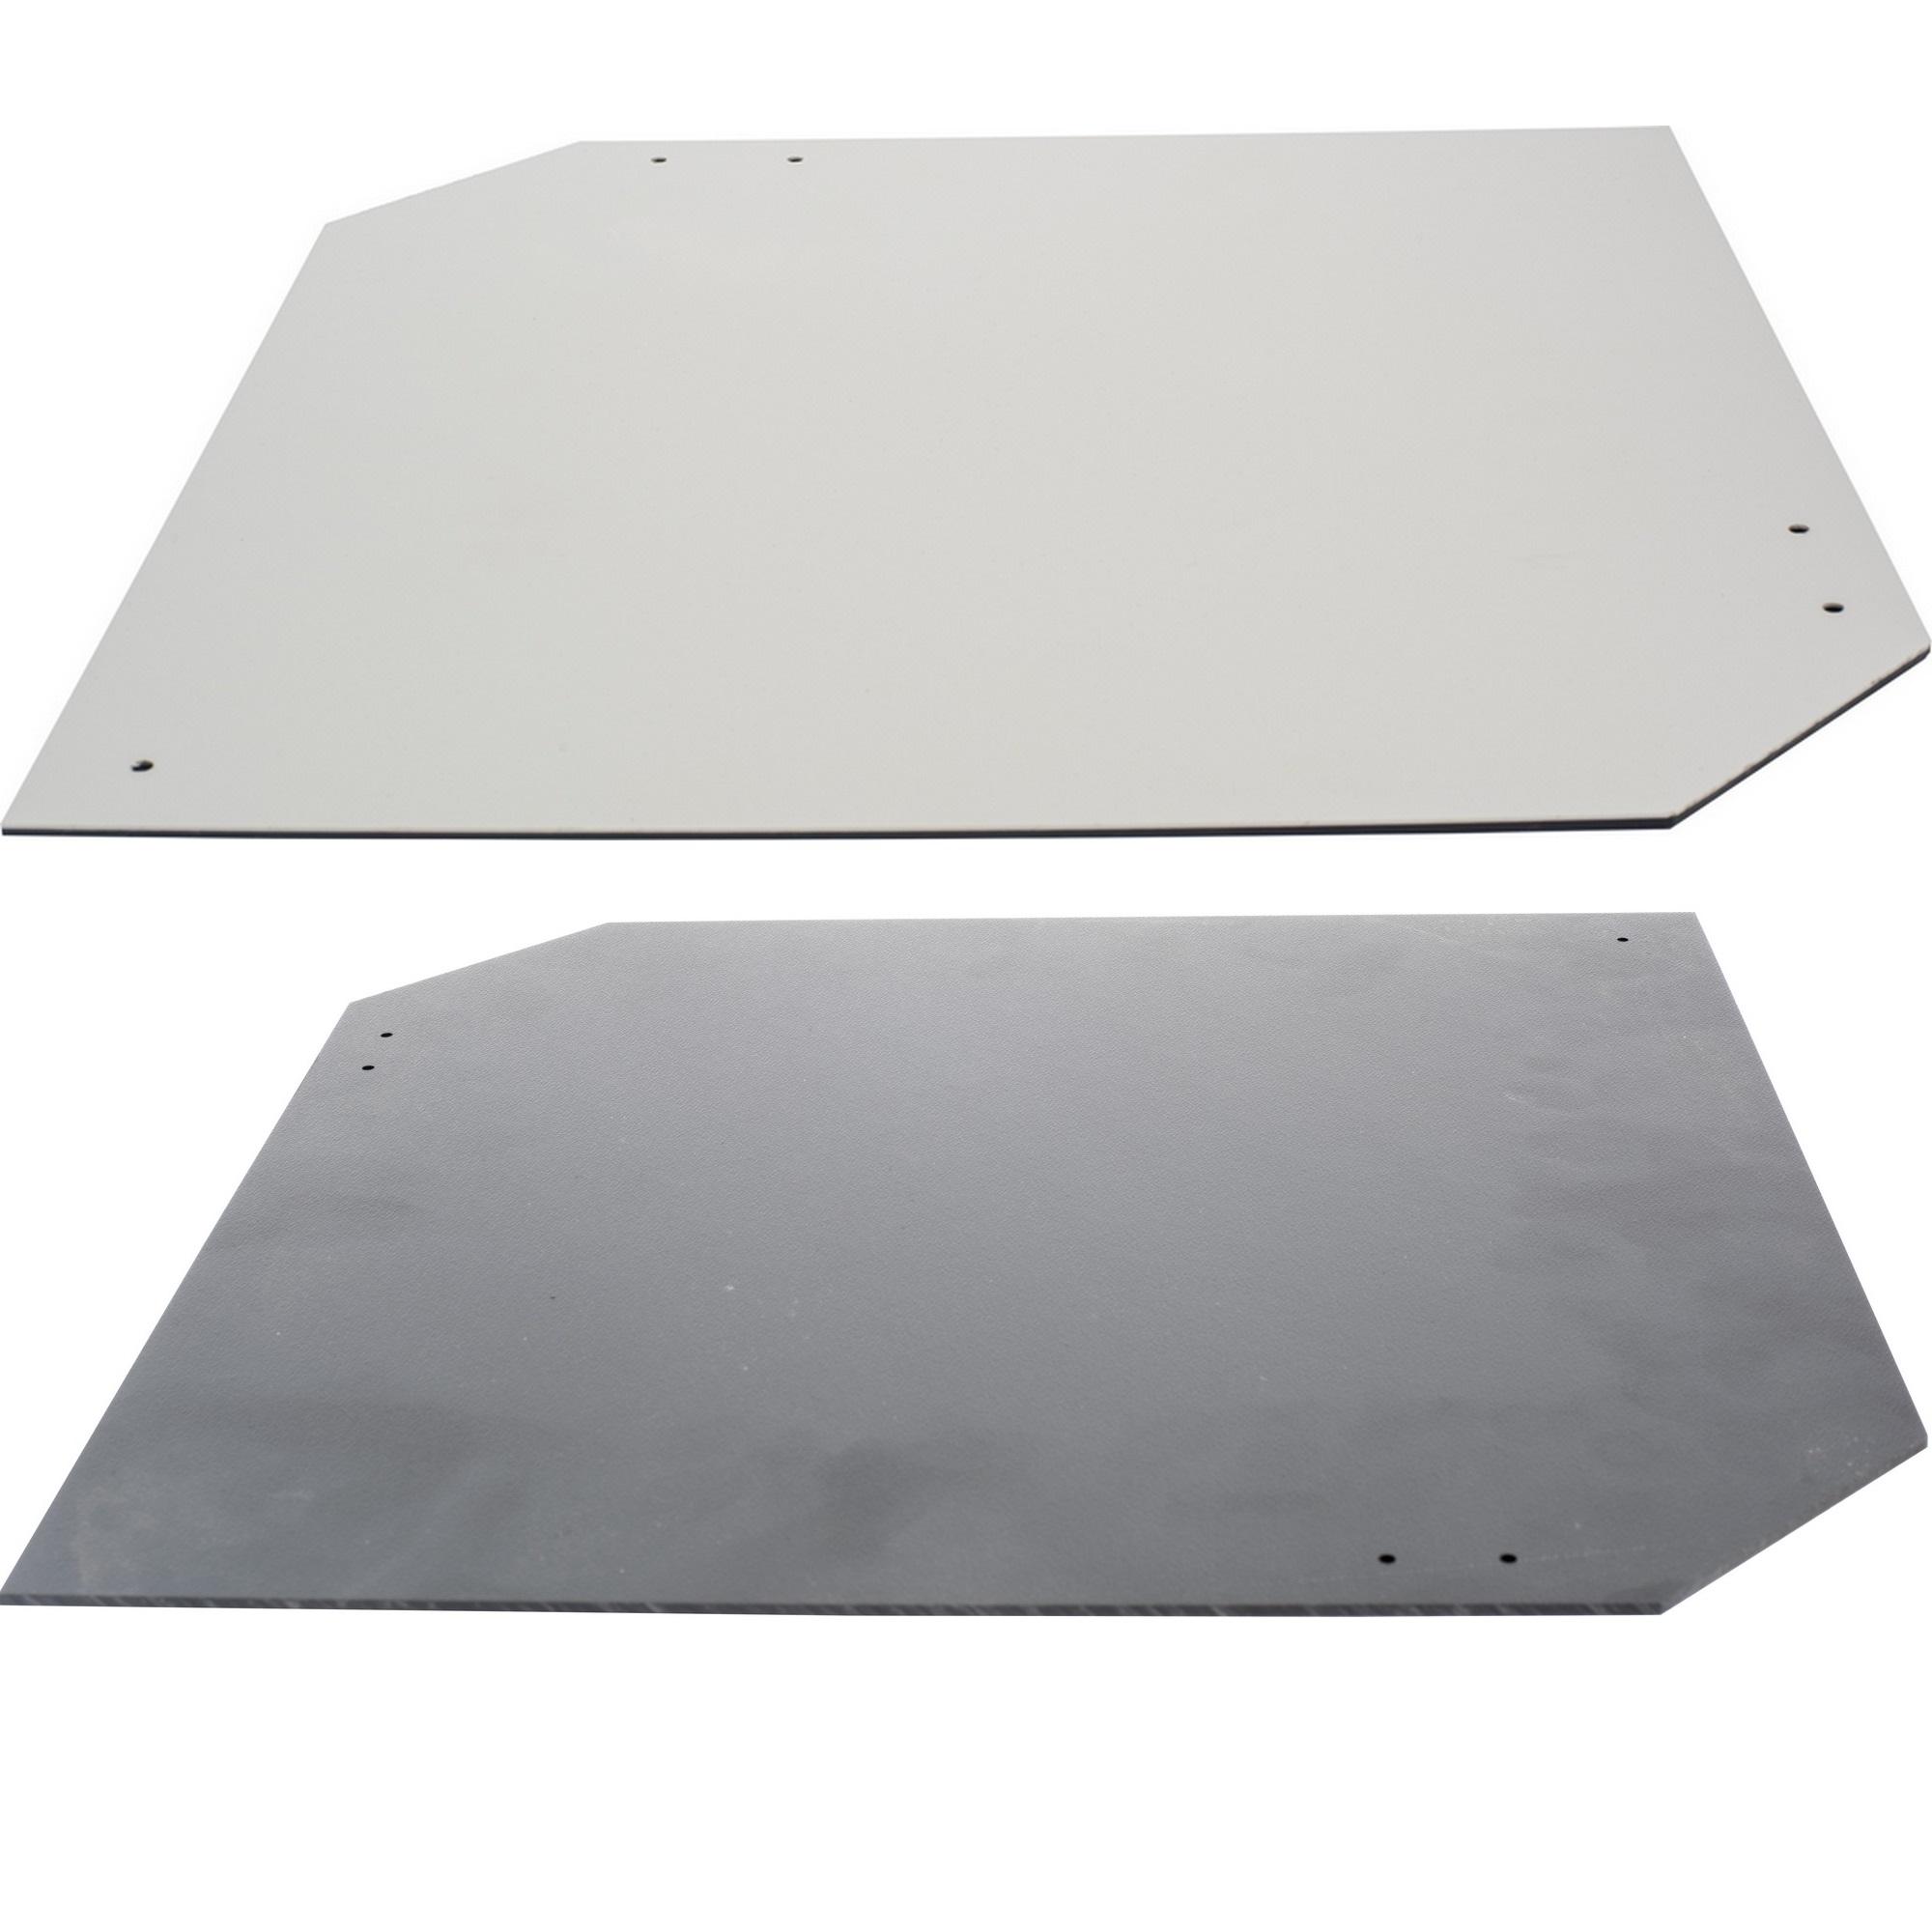 Taška plastová ECOROOF šablona oboustranná antracit / šedá